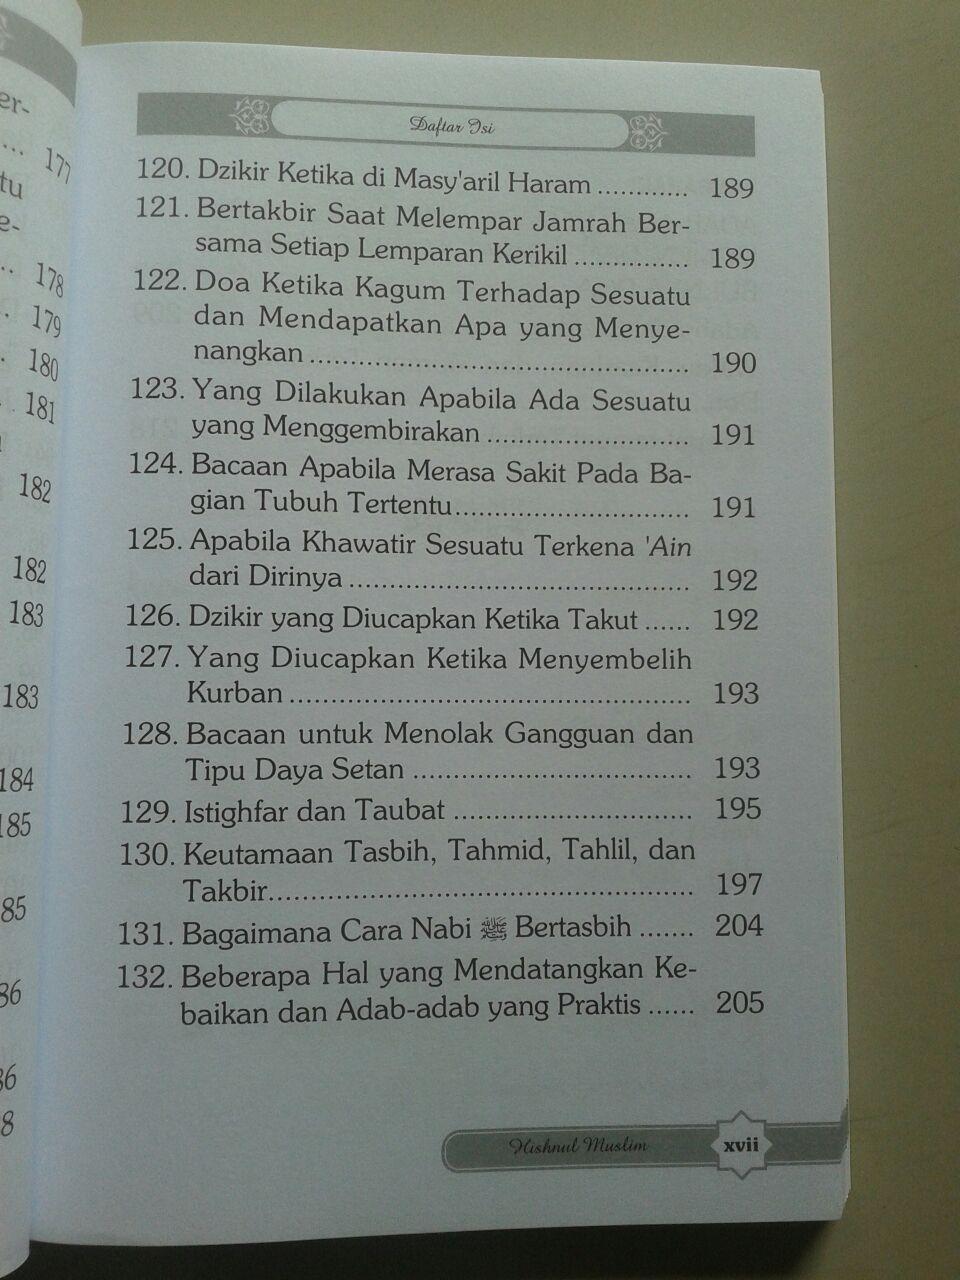 Buku Hisnul Muslim Kumpulan Doa & Dzikir Pilihan isi